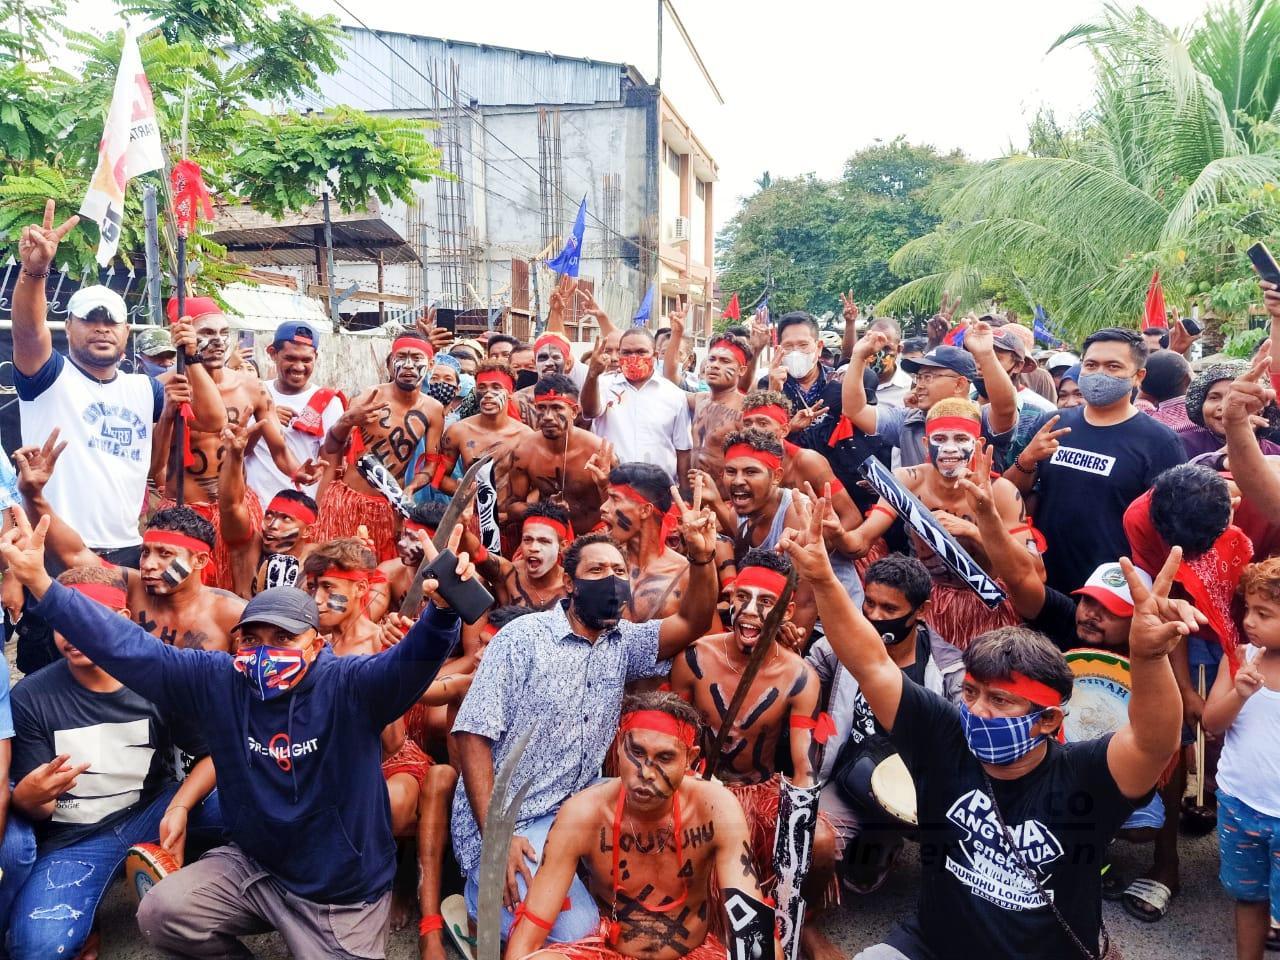 Warga Swapen Manokwari Sebut Paslon HEBO Pantas Menang Karena Merakyat 16 IMG 20201121 WA0023